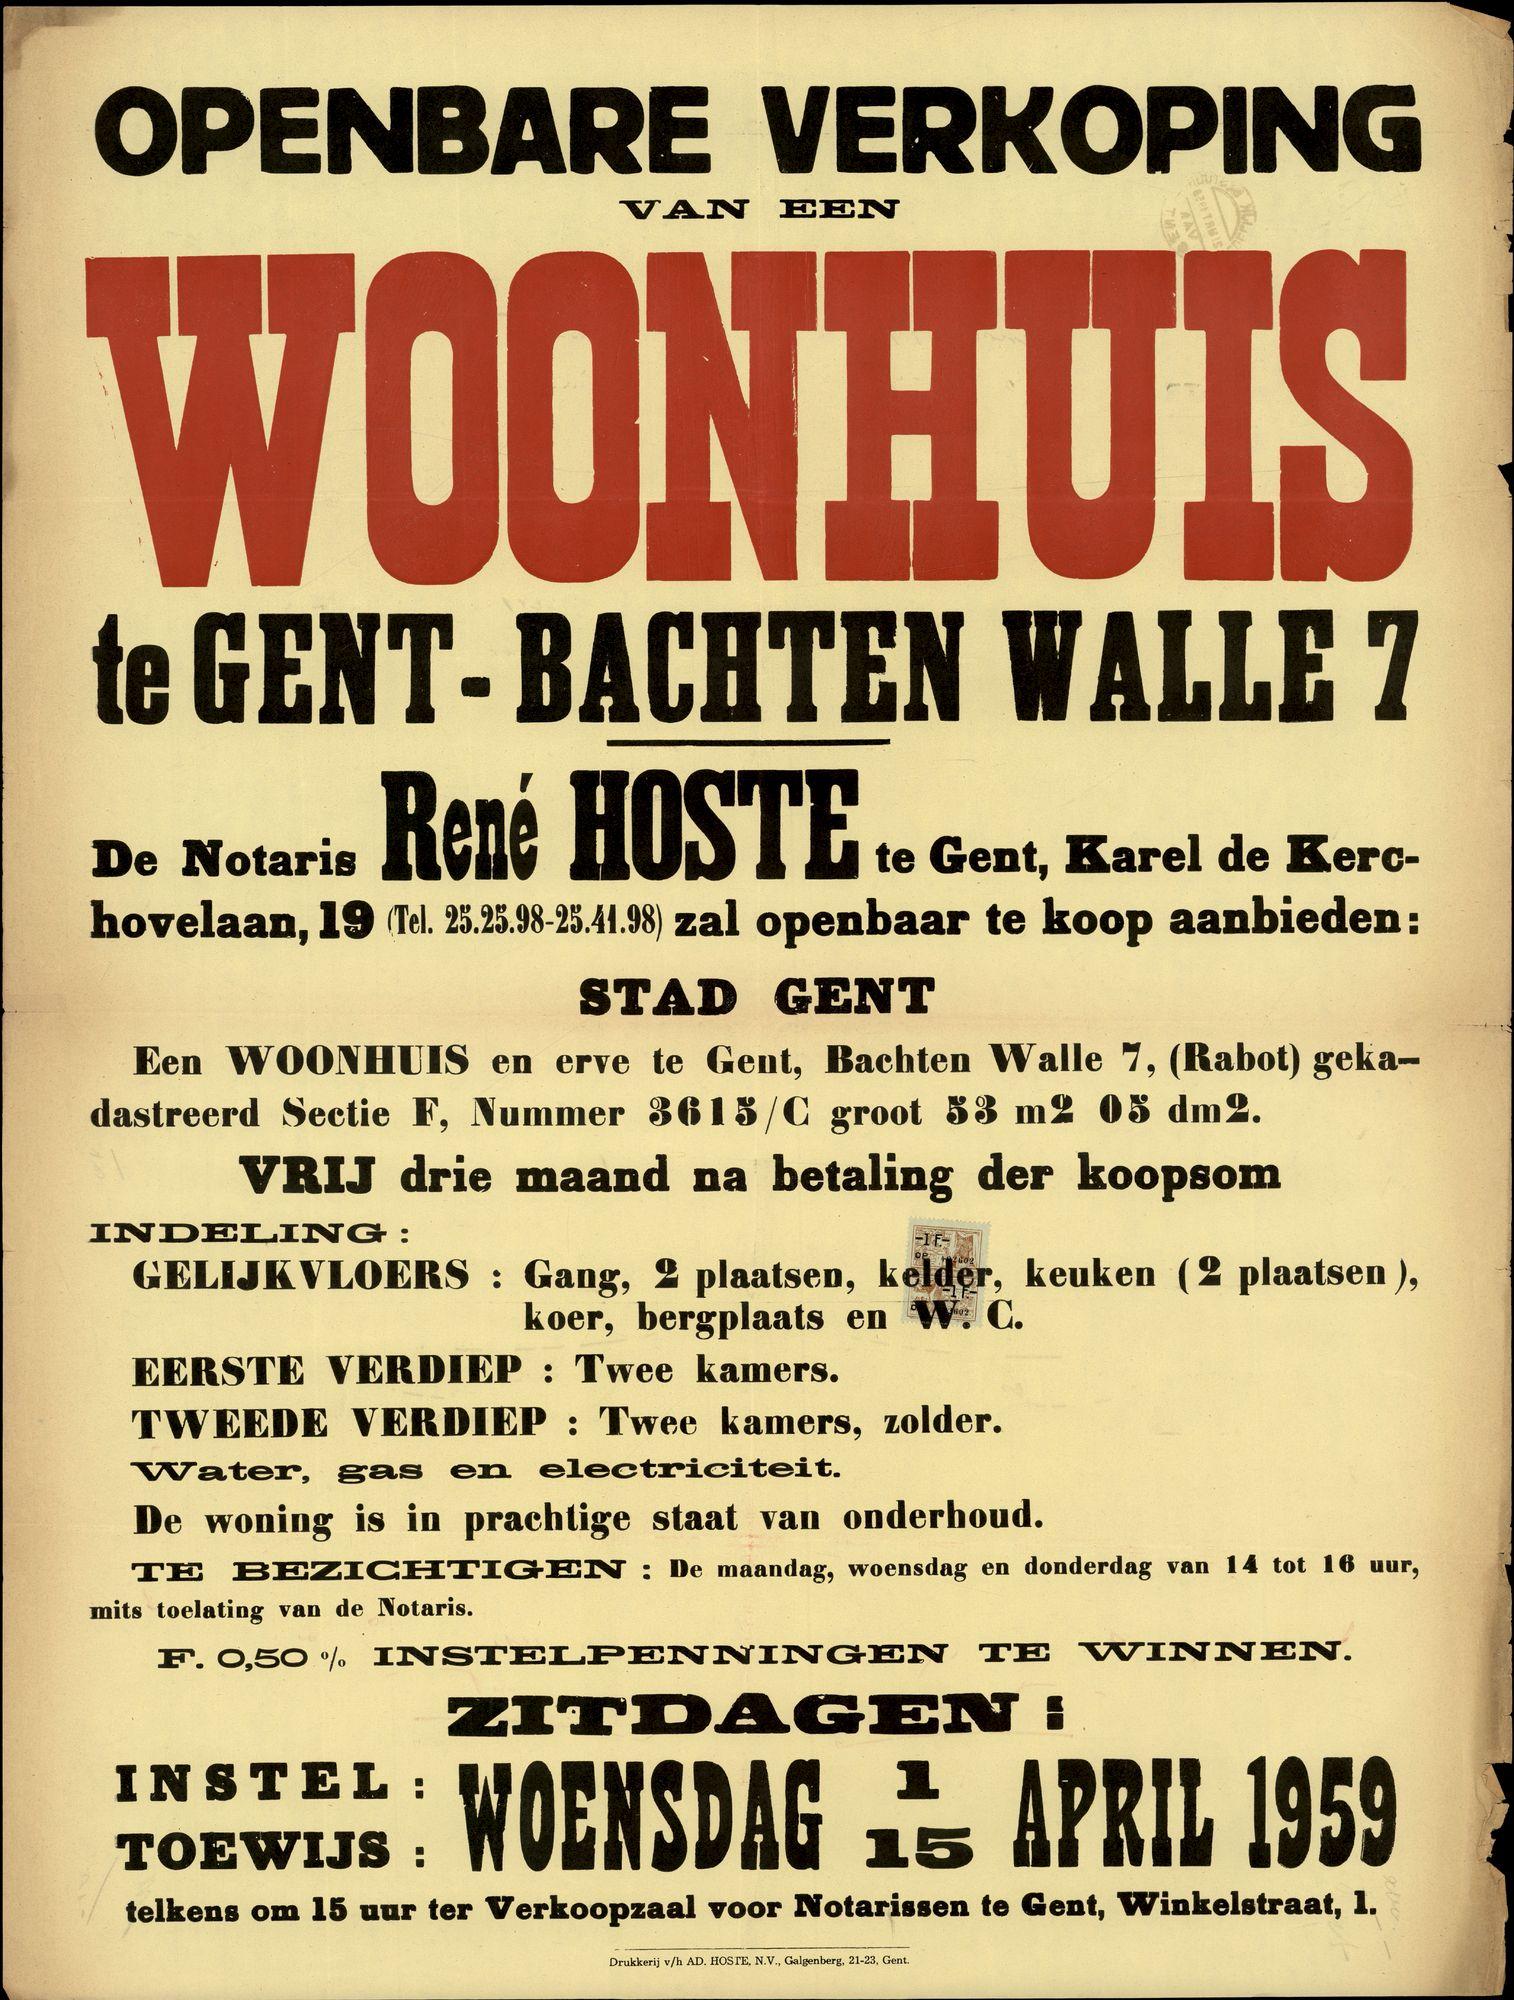 Openbare verkoop van een woonhuis te Gent, Bachten Walle, nr.7, Gent, 15 april 1959